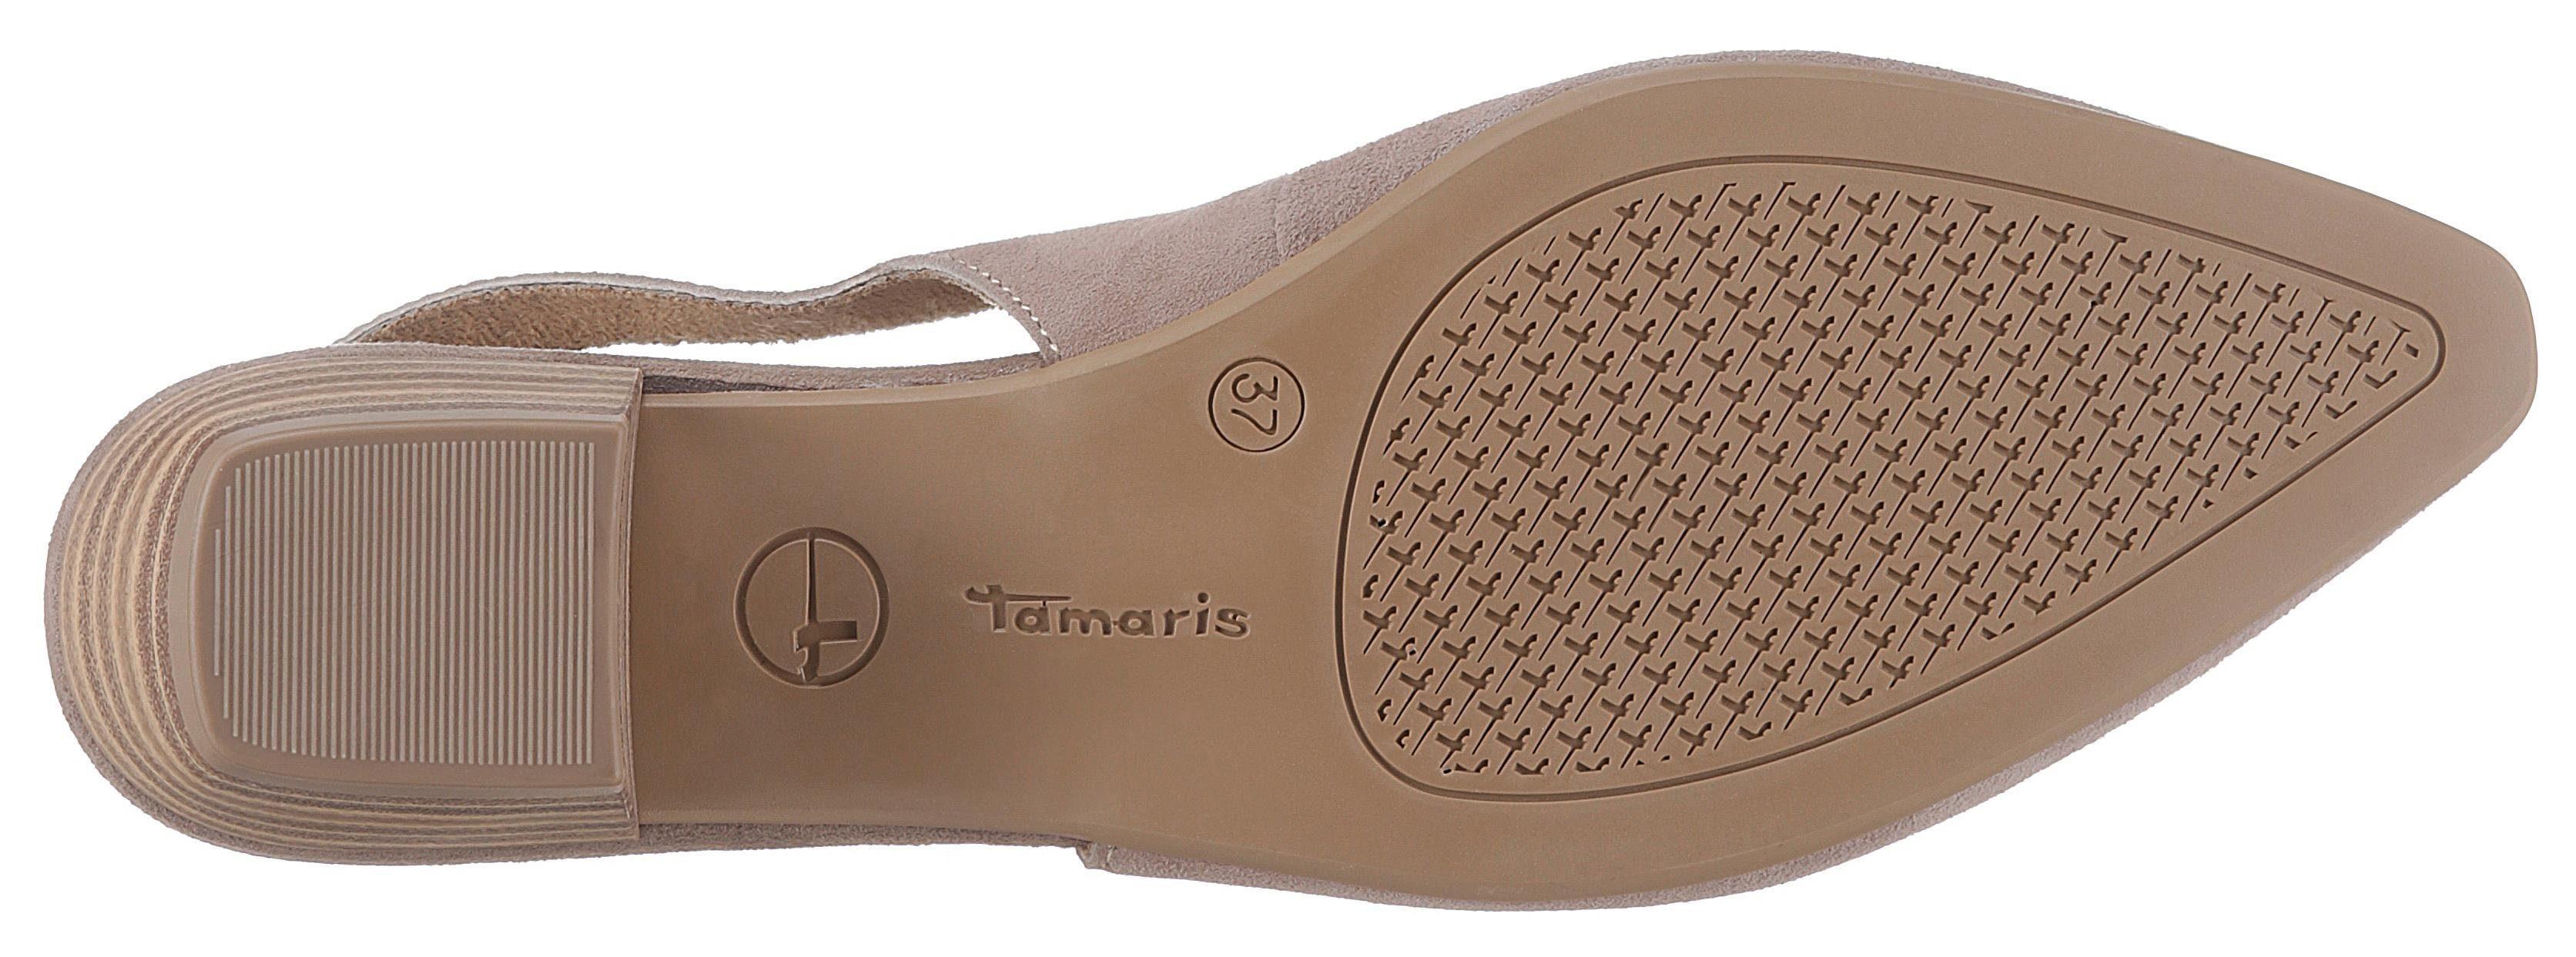 Tamaris Slingpumps Kosy In De Online Shop - Geweldige Prijs